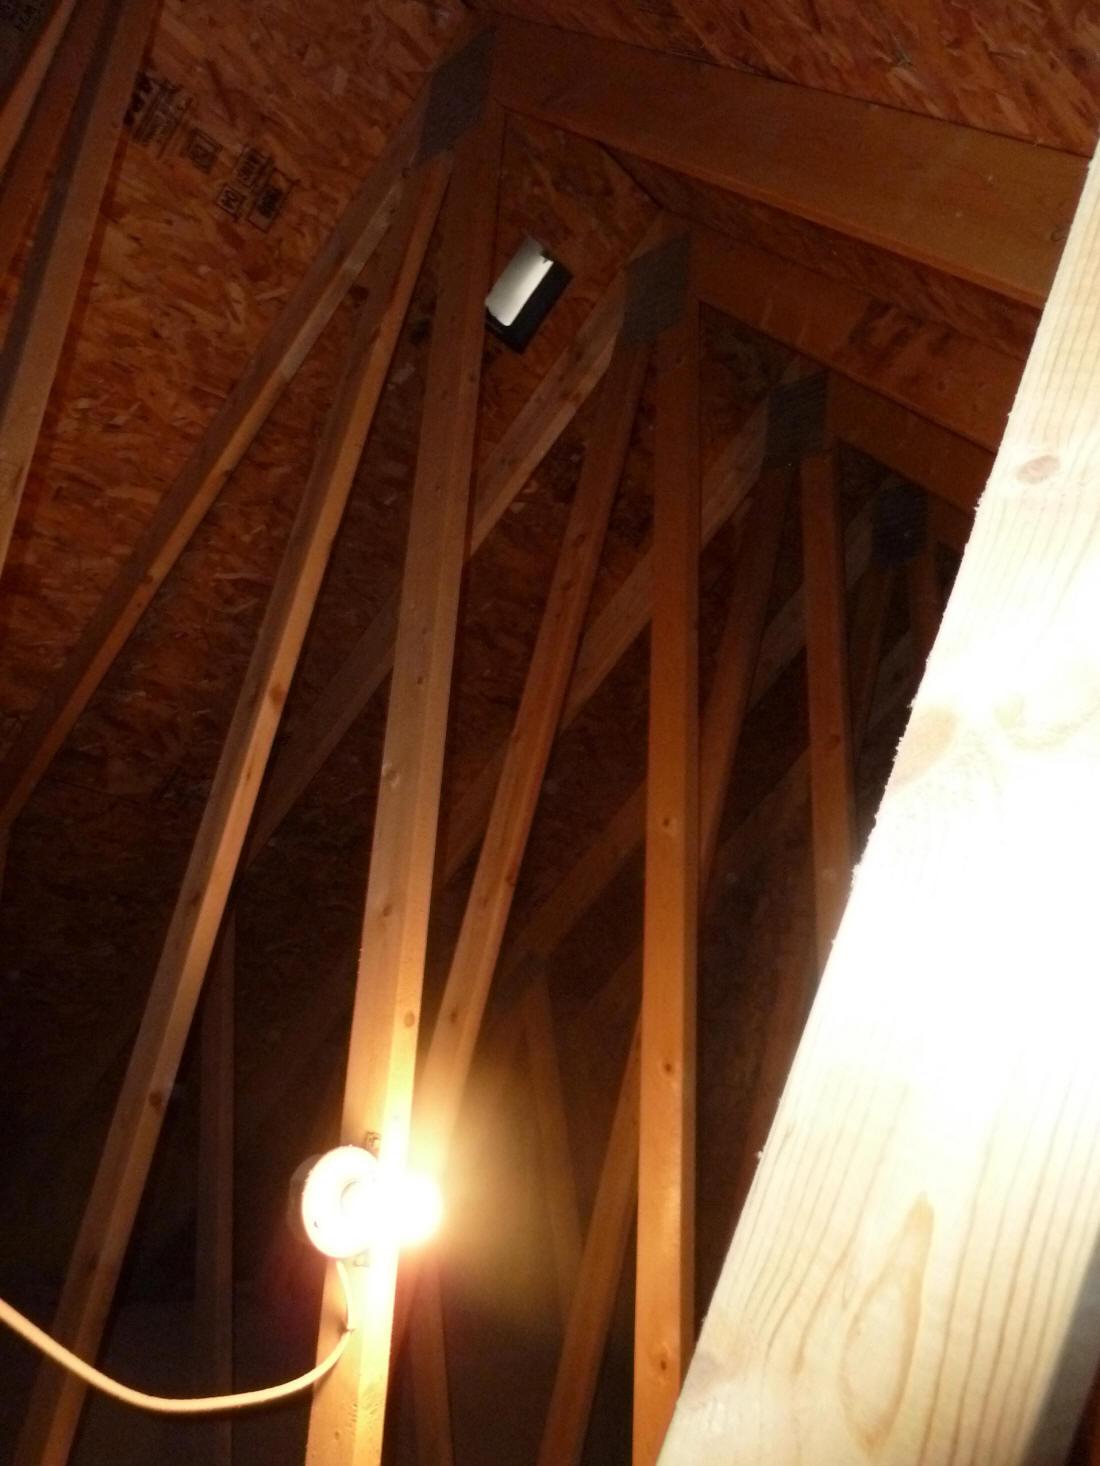 using attic heat recorded attic temperatures